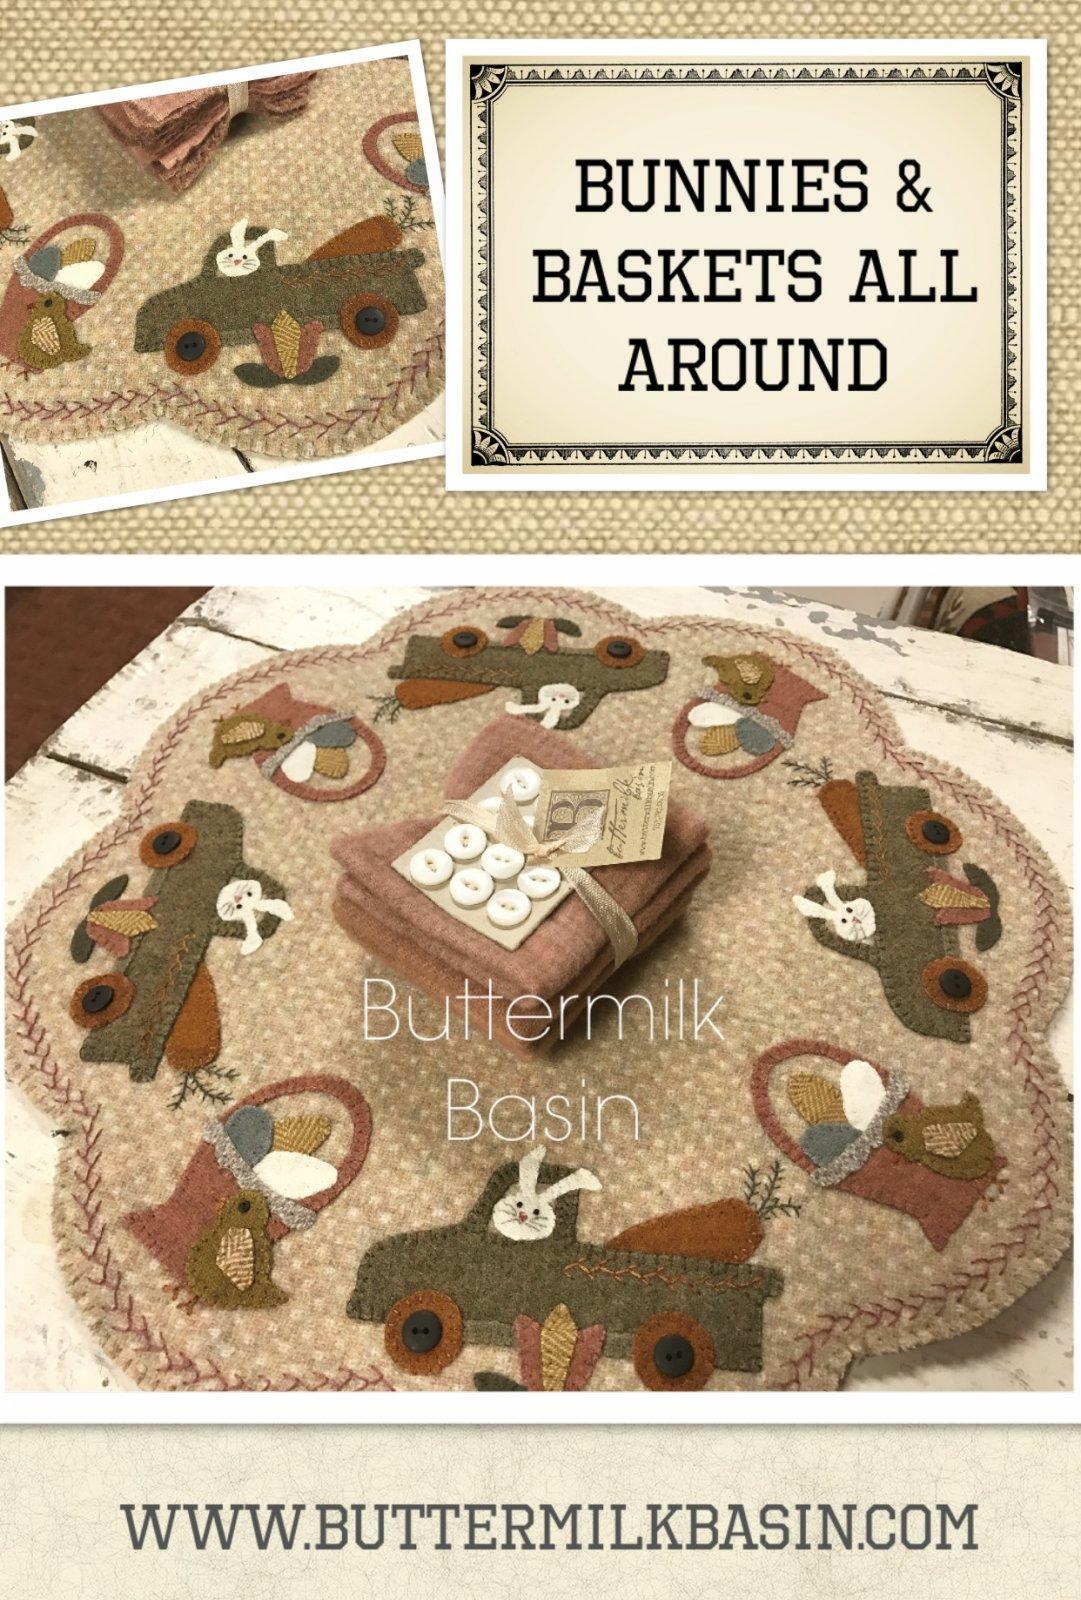 Bunnies & Baskets All Around